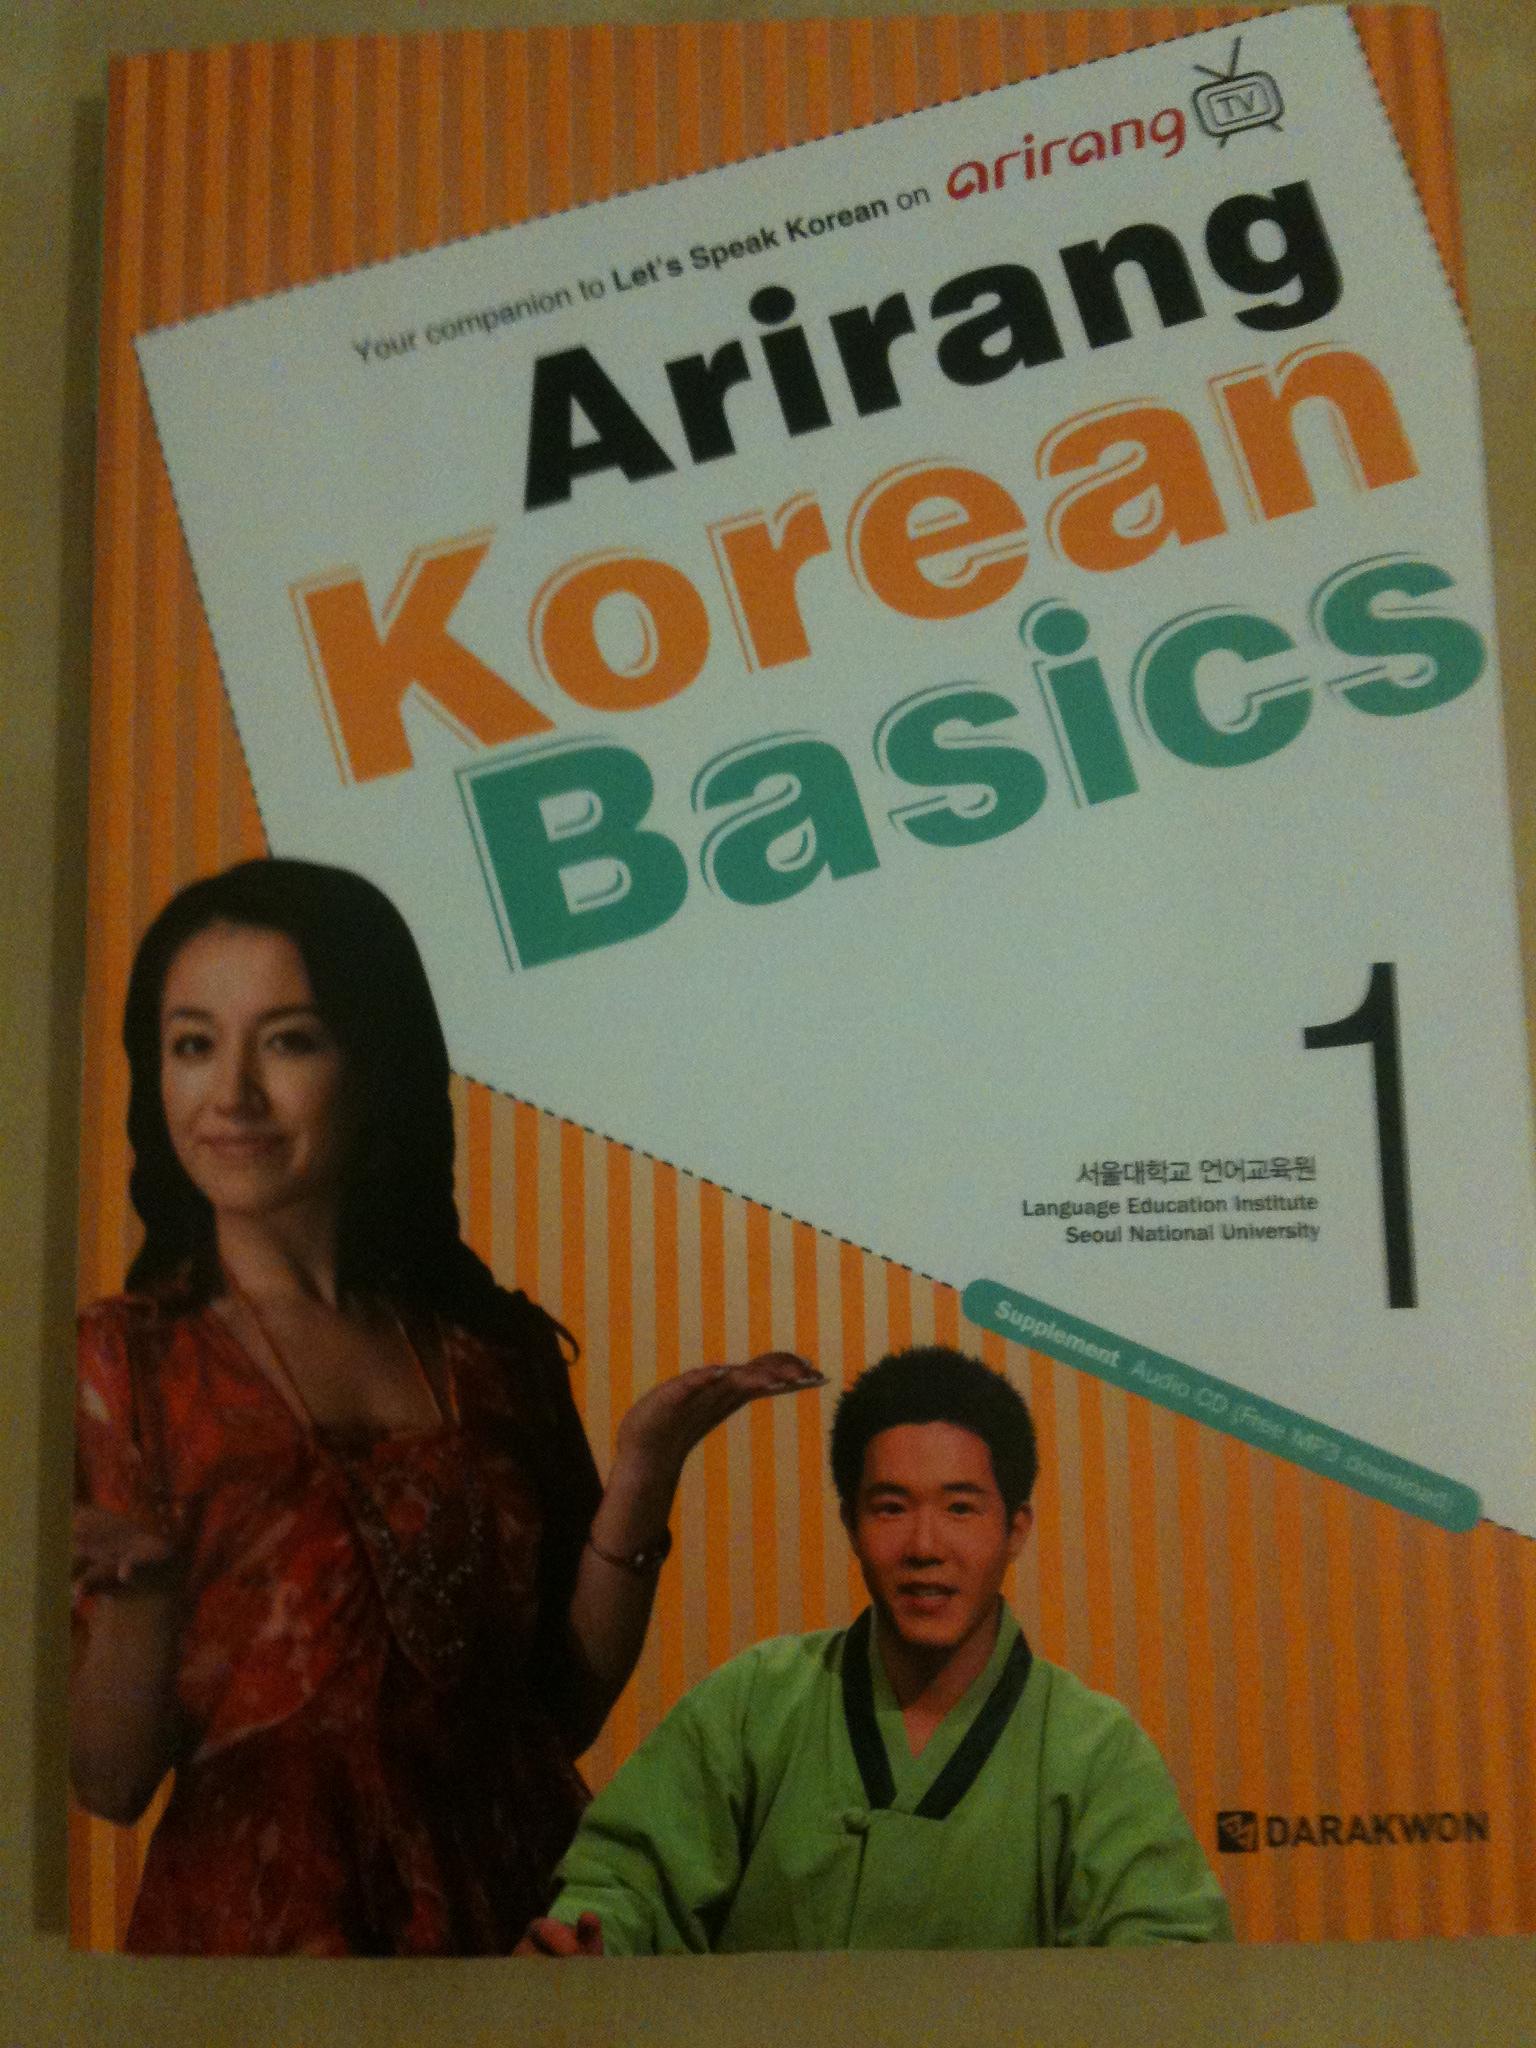 Korean Resource Review Arirang Korean Basics 1